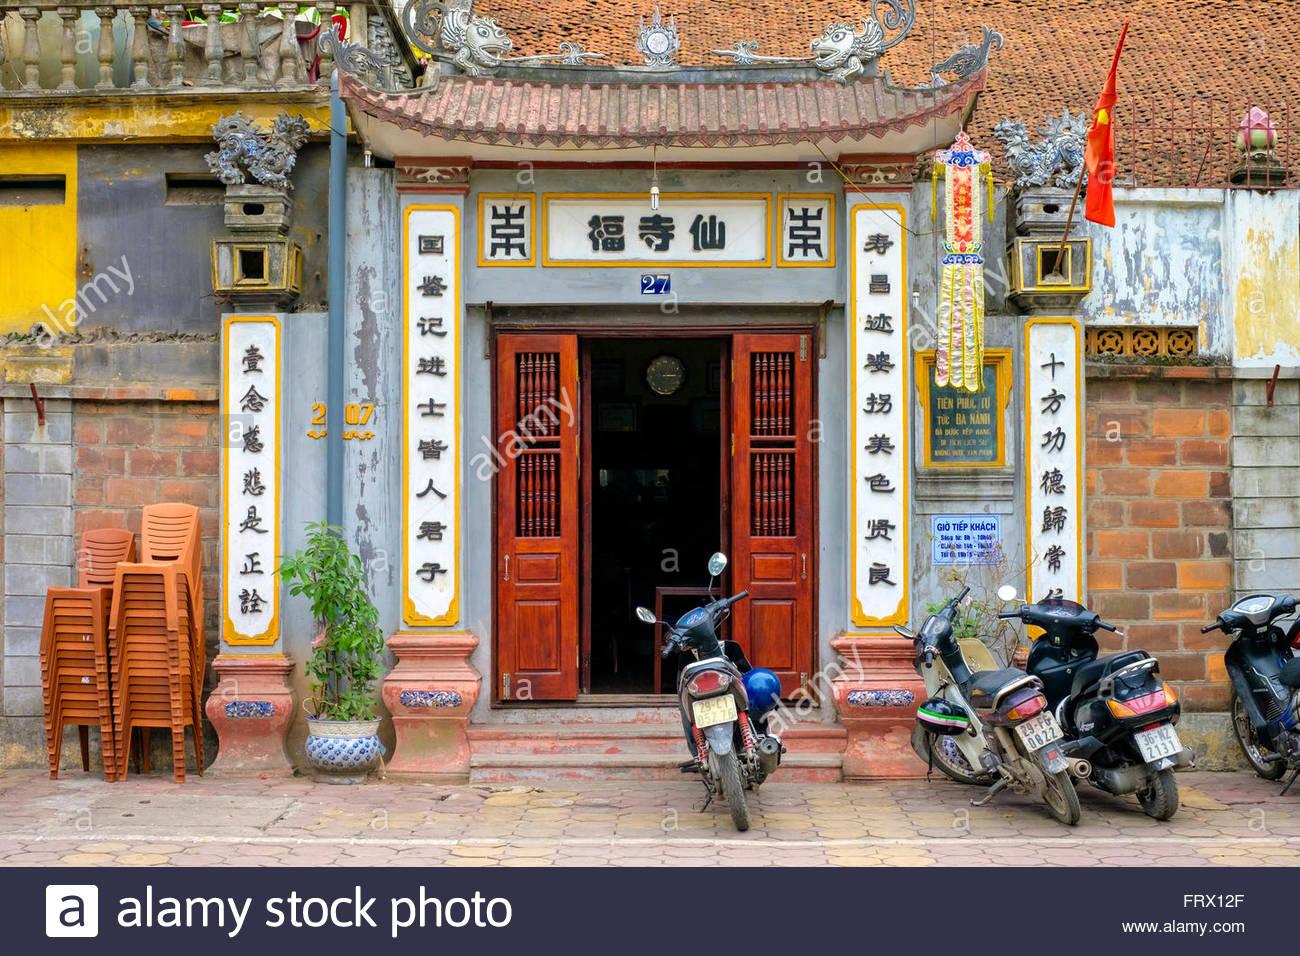 Motos aparcadas fuera del pequeño templo, Dong Da District, Hanoi, Vietnam Imagen De Stock